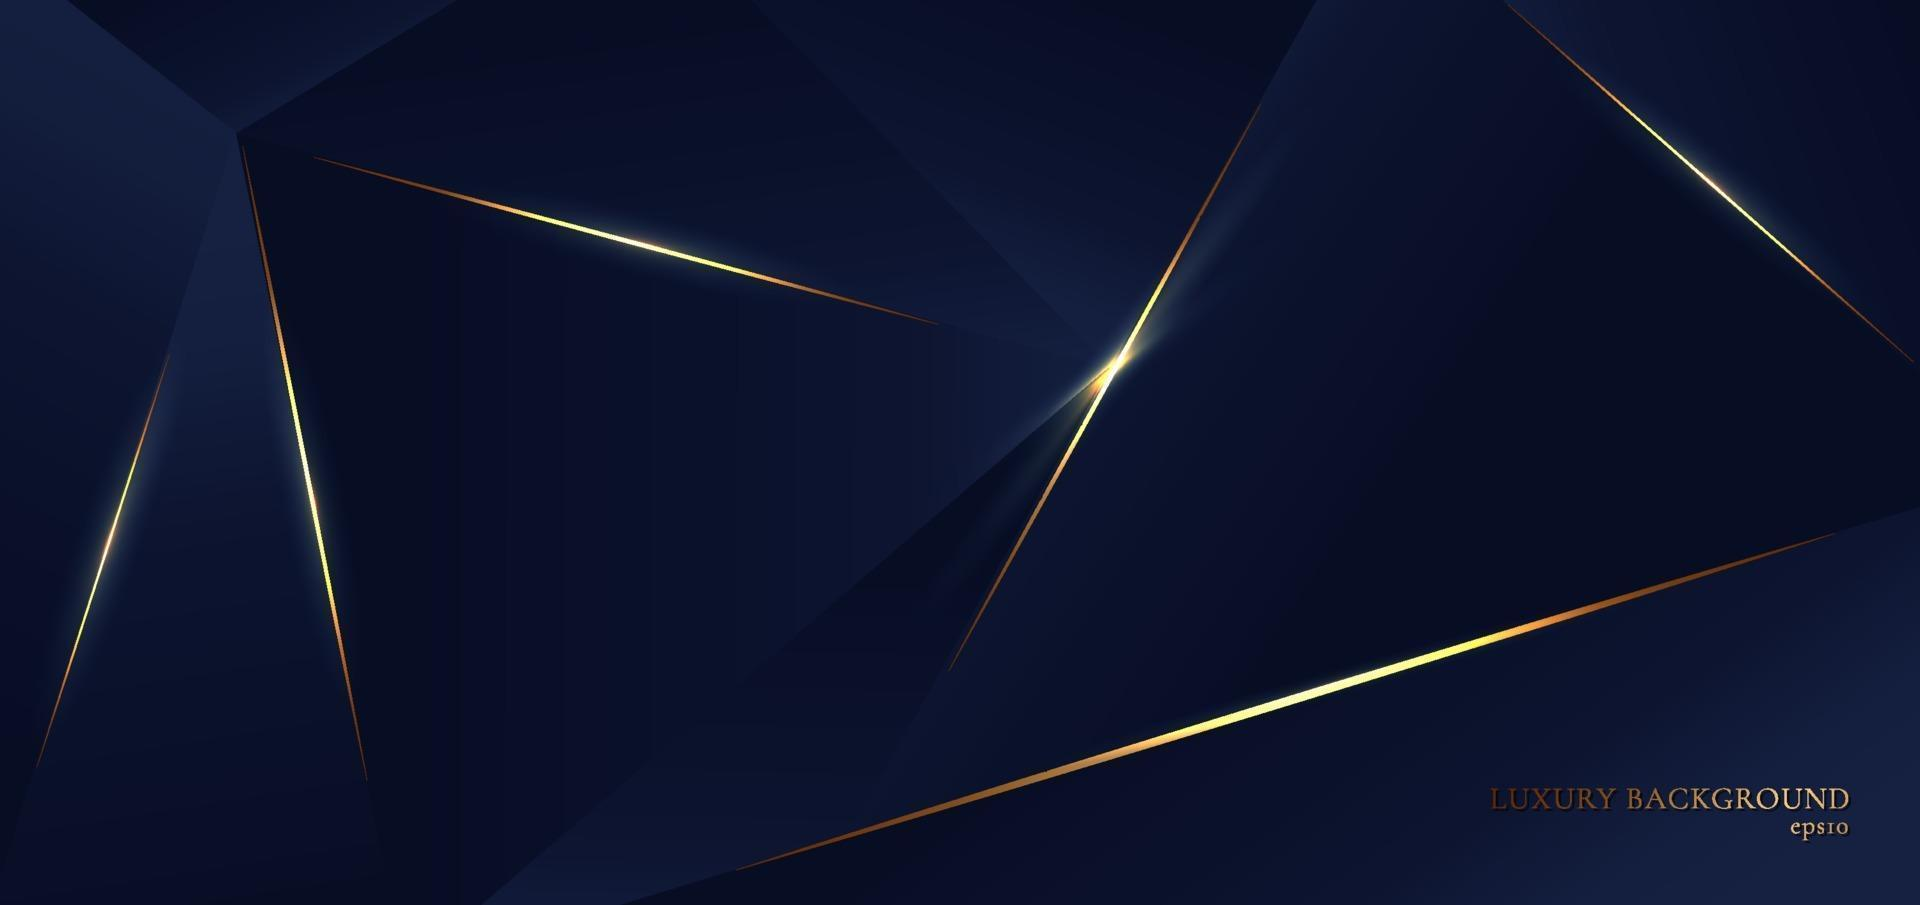 formes abstraites de triangle de polygone bleu. de fond avec ligne dorée et effet d'éclairage, style de luxe. vecteur